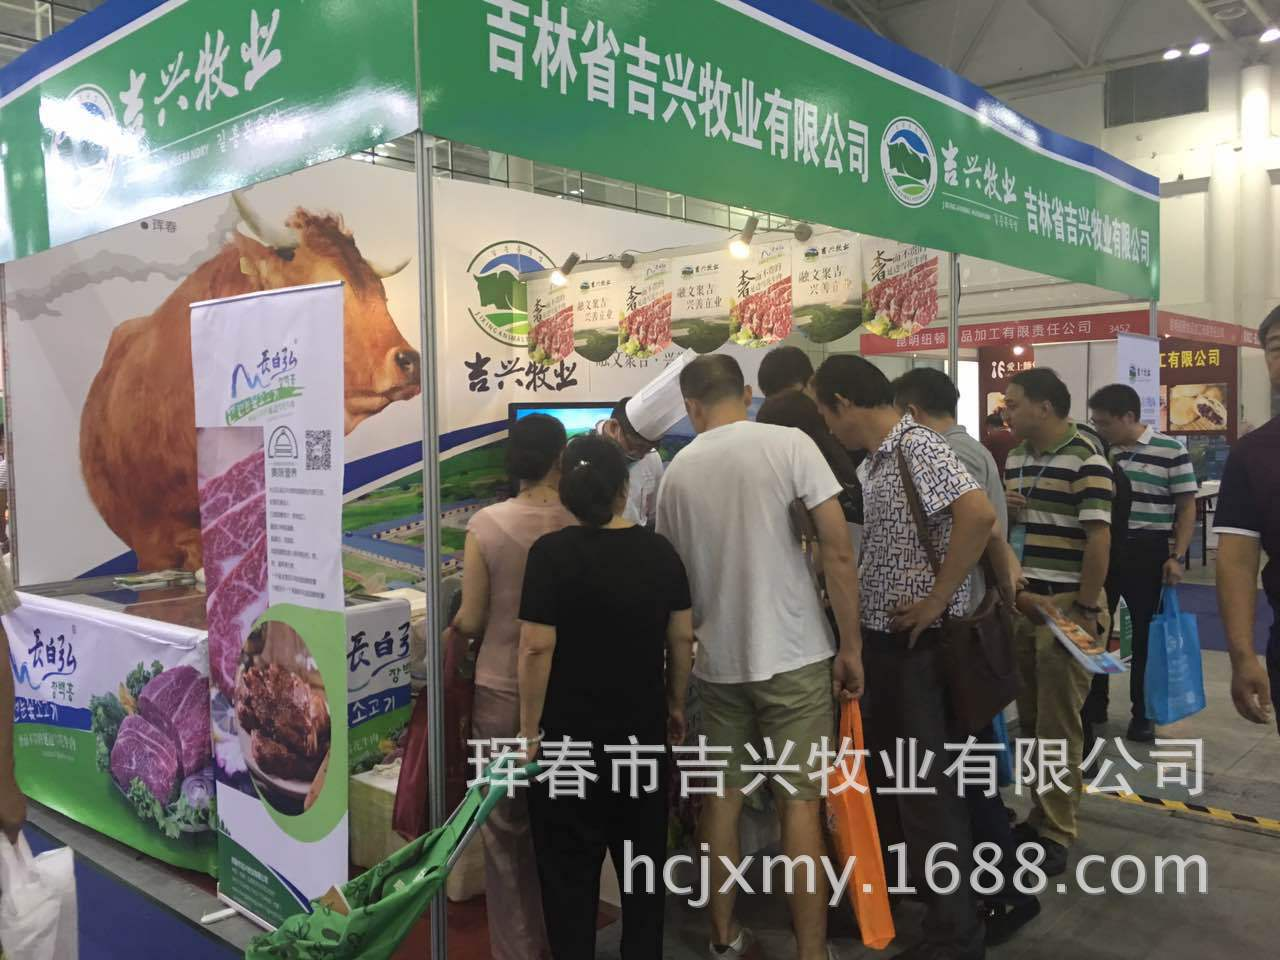 珲春吉兴牧业有限公司参展中国国际餐饮食品博览会